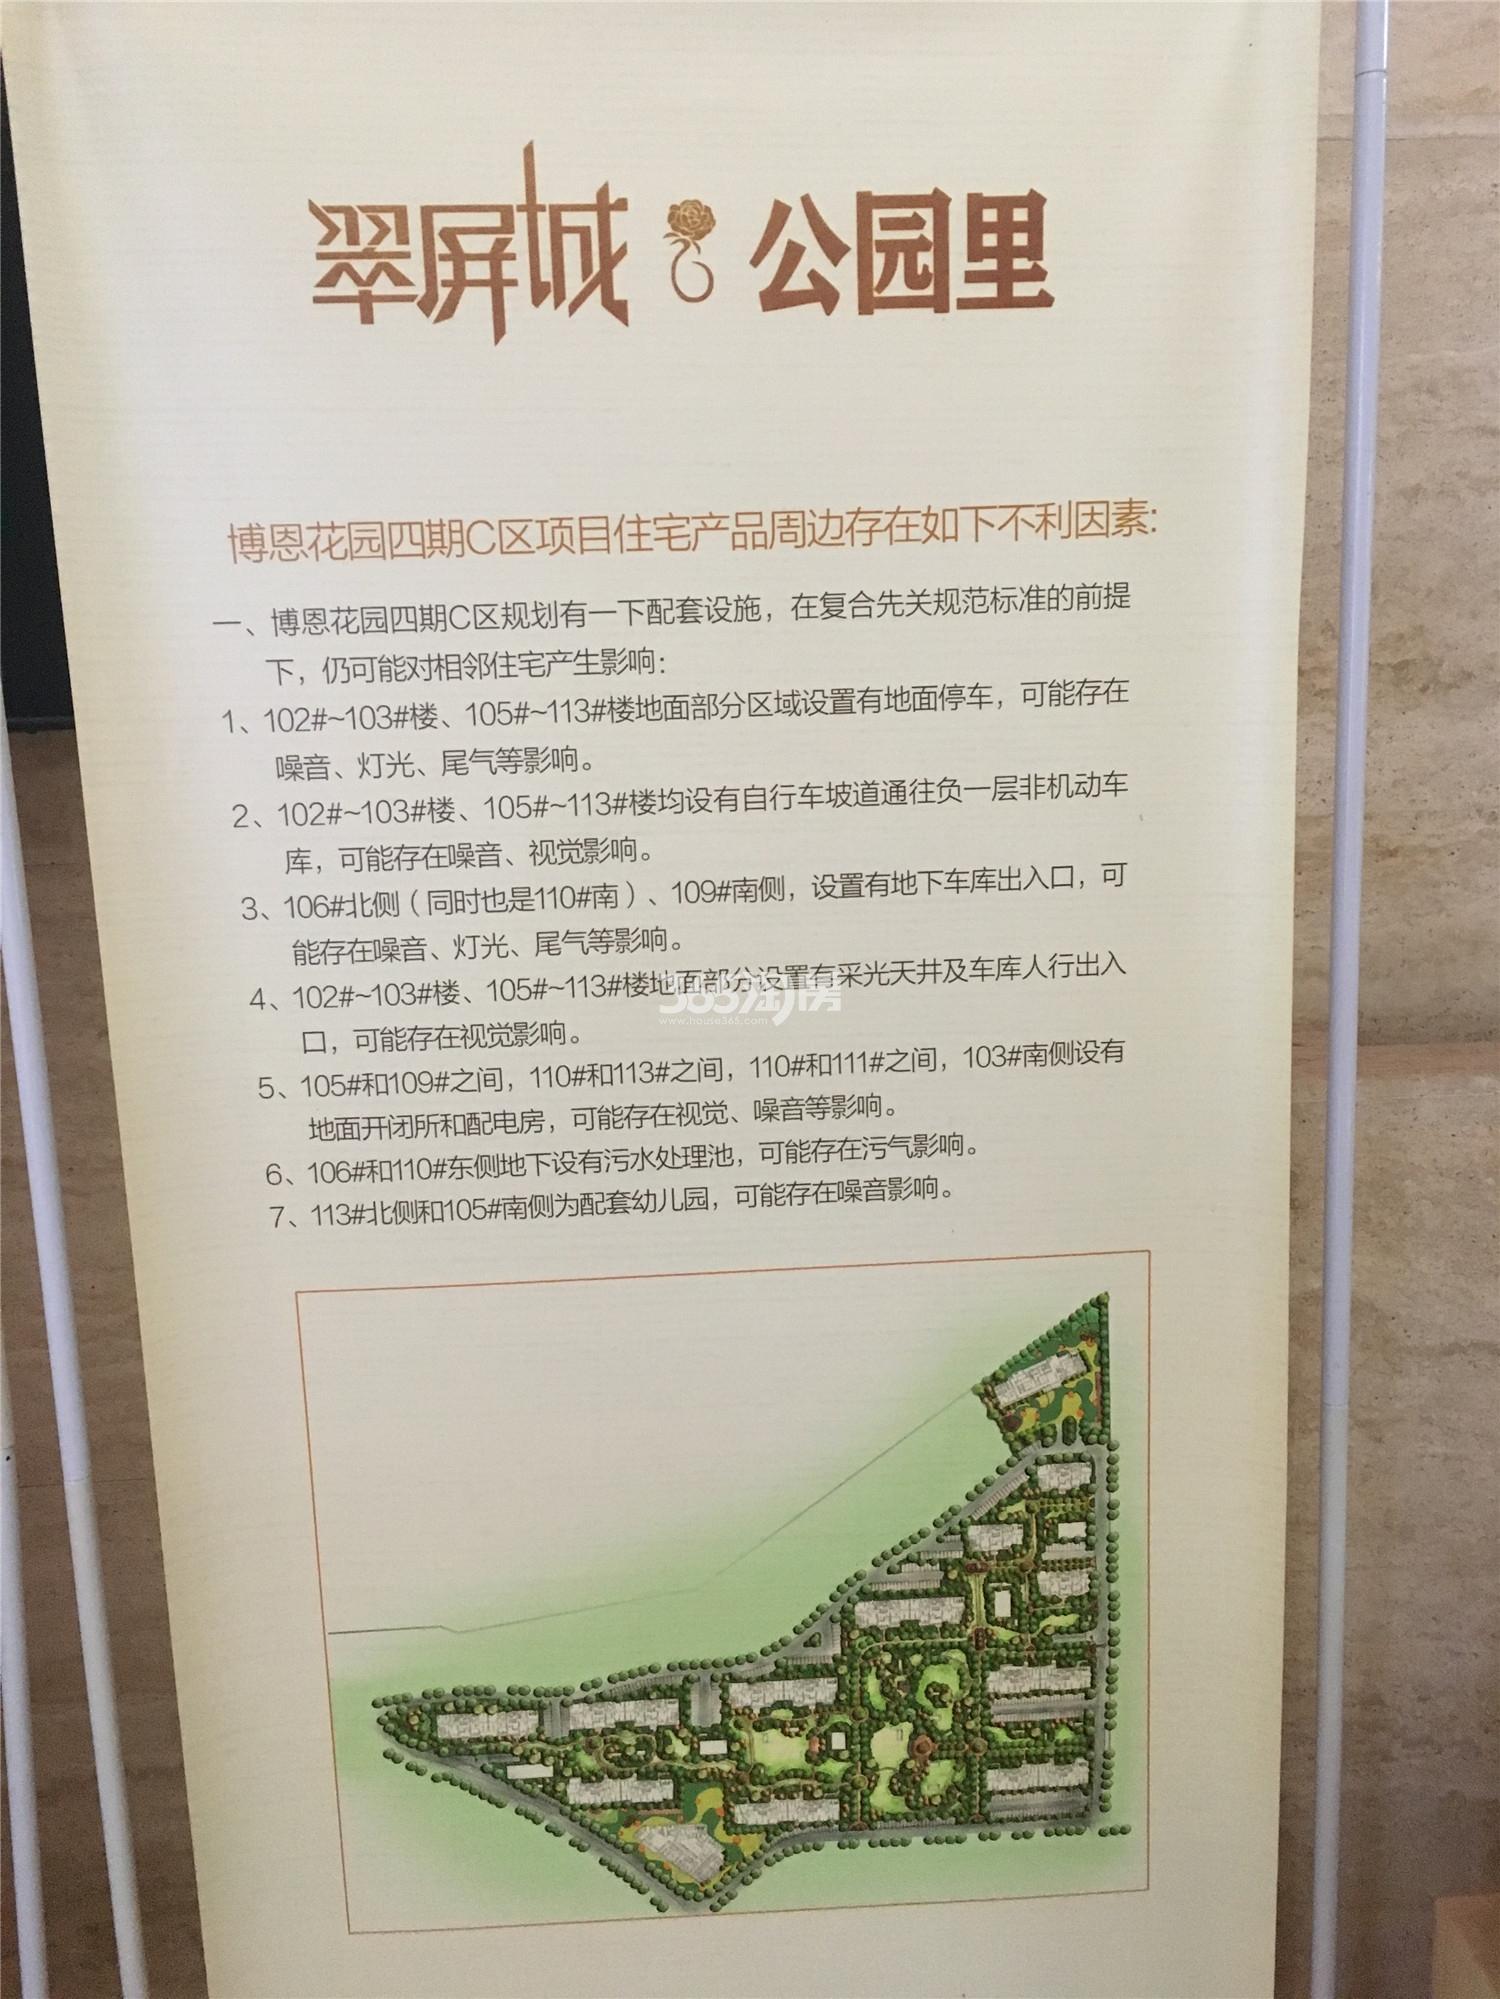 翠屏城不利因素公示(12.5)